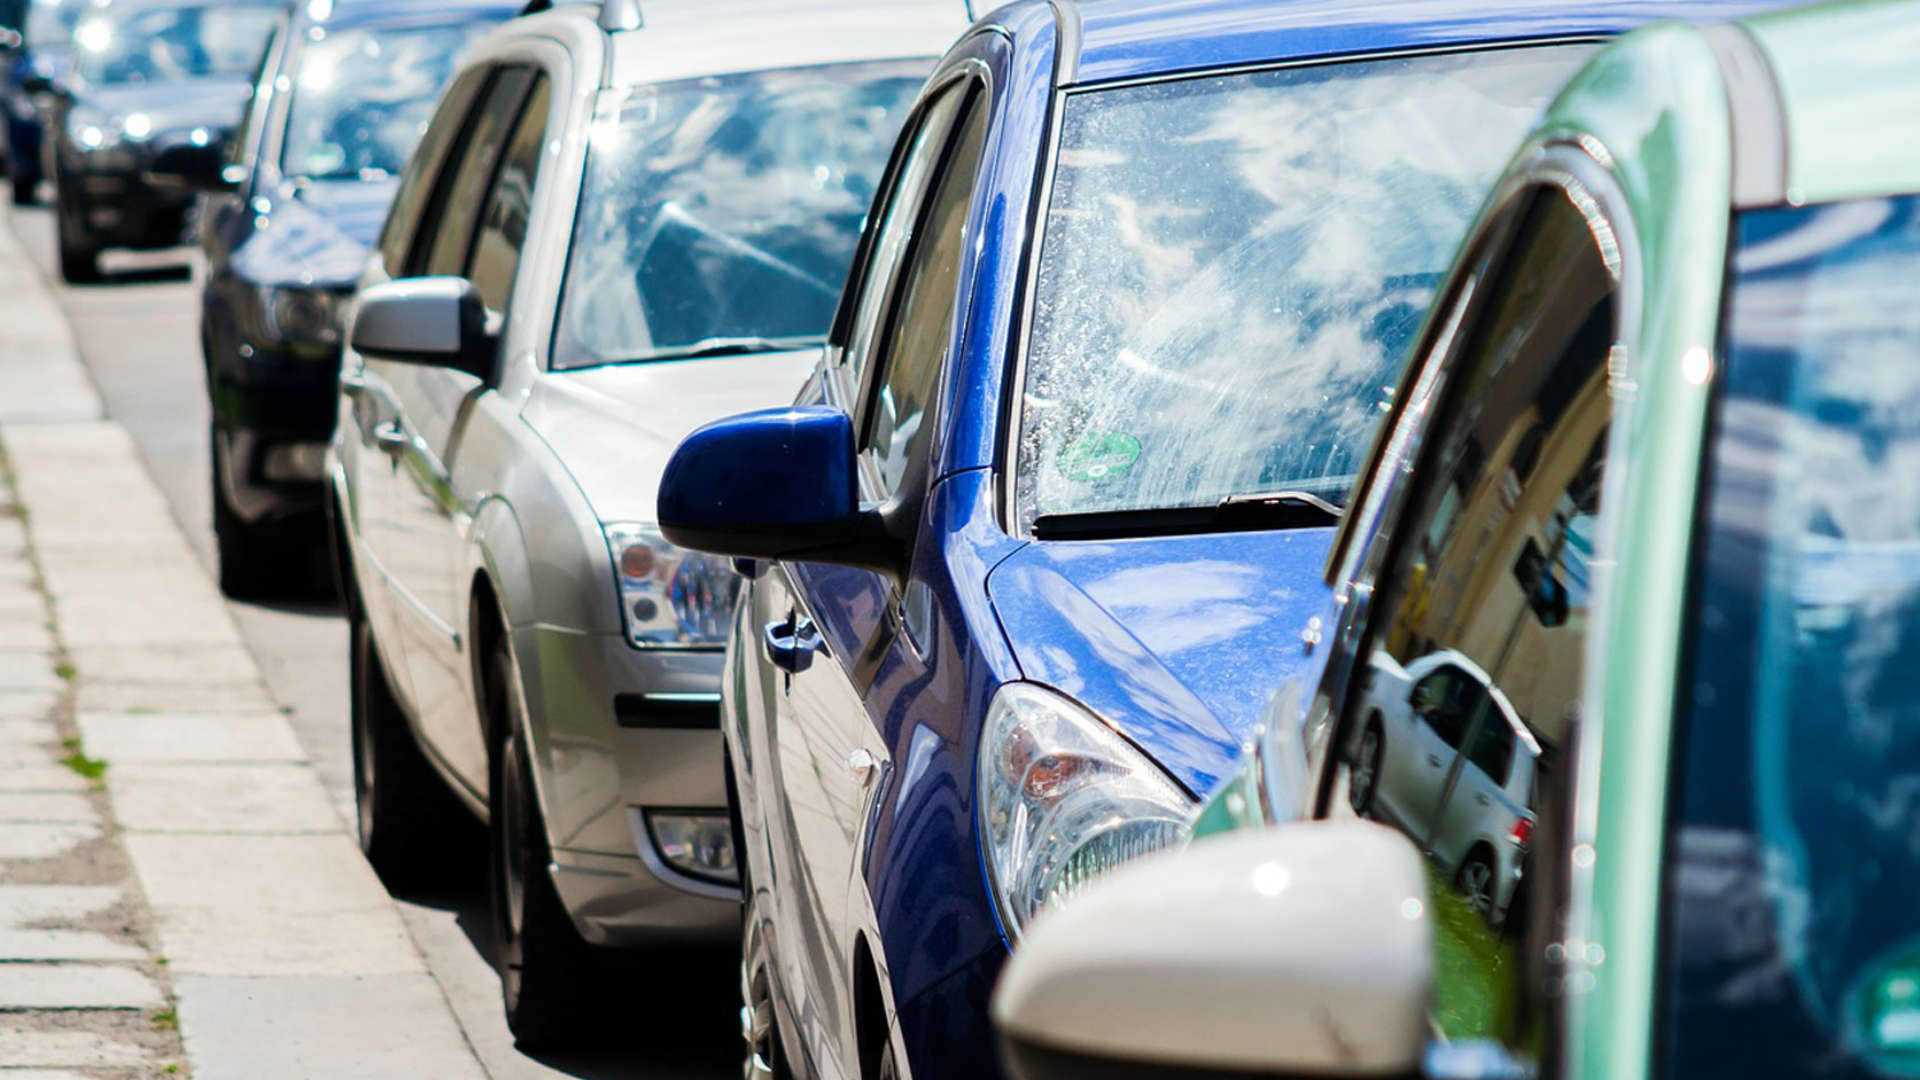 parking habits